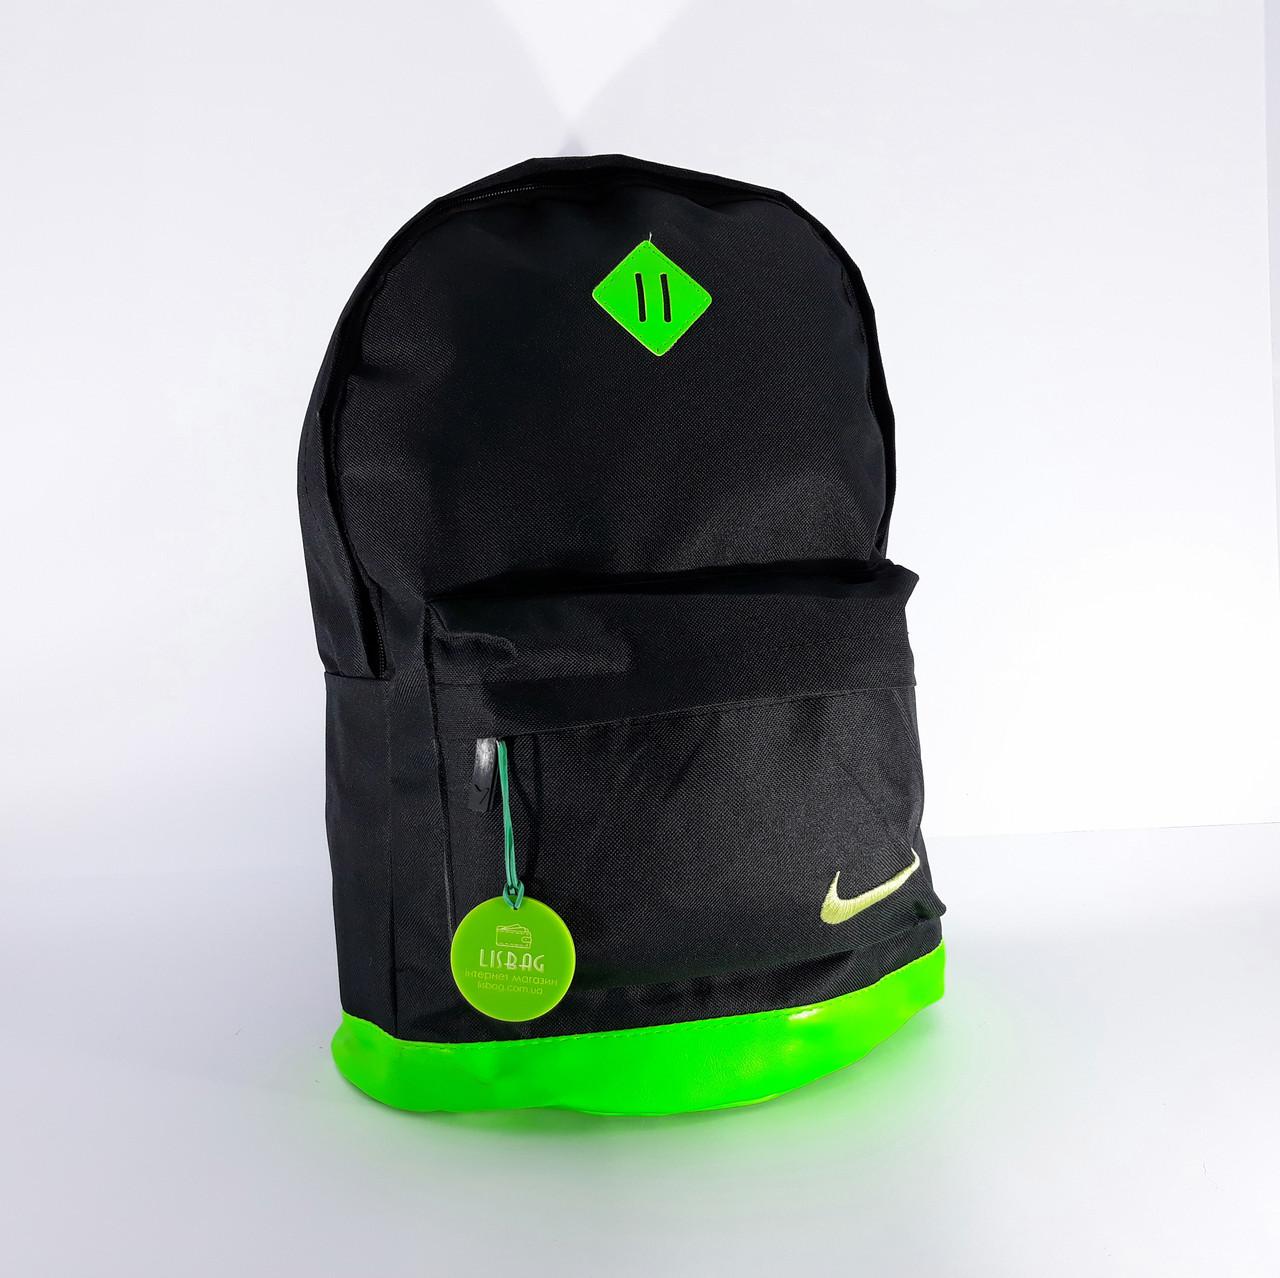 fbd877d503f3 Черно-зеленый спортивный рюкзак на каждый день Nike копия хорошего качества  водоотталкивающий материал Унисекс